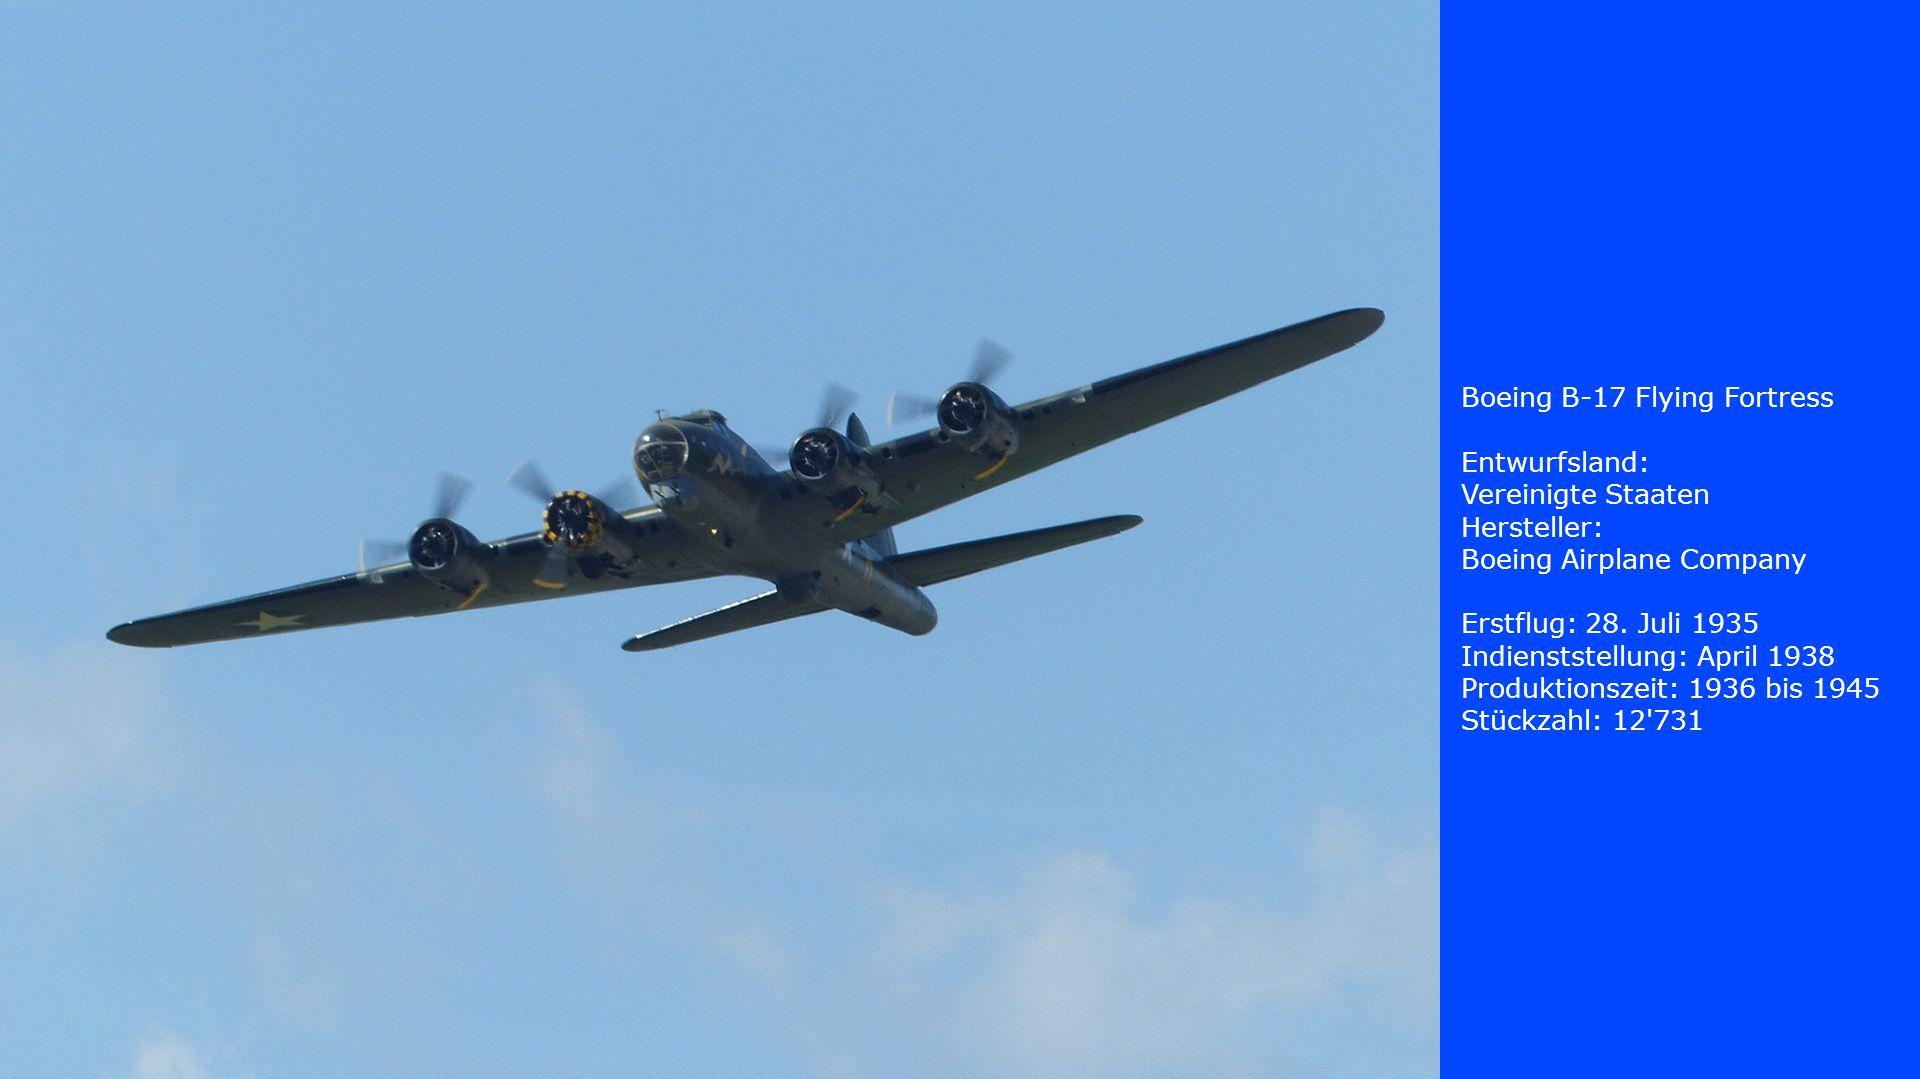 Boeing B-17 Flying Fortress Entwurfsland: Vereinigte Staaten Hersteller: Boeing Airplane Company Erstflug: 28.